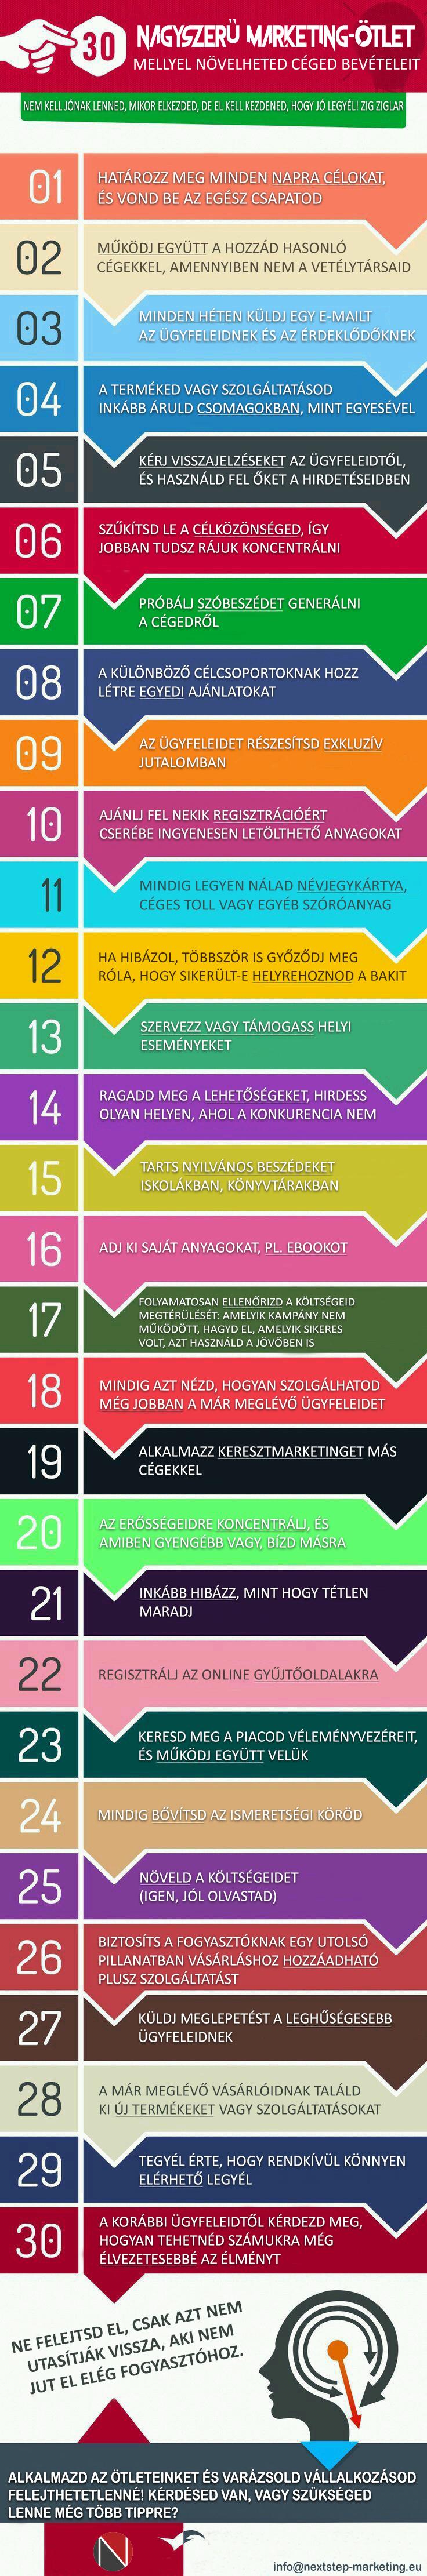 30_nagyszeru_marketing-otlet2.jpg